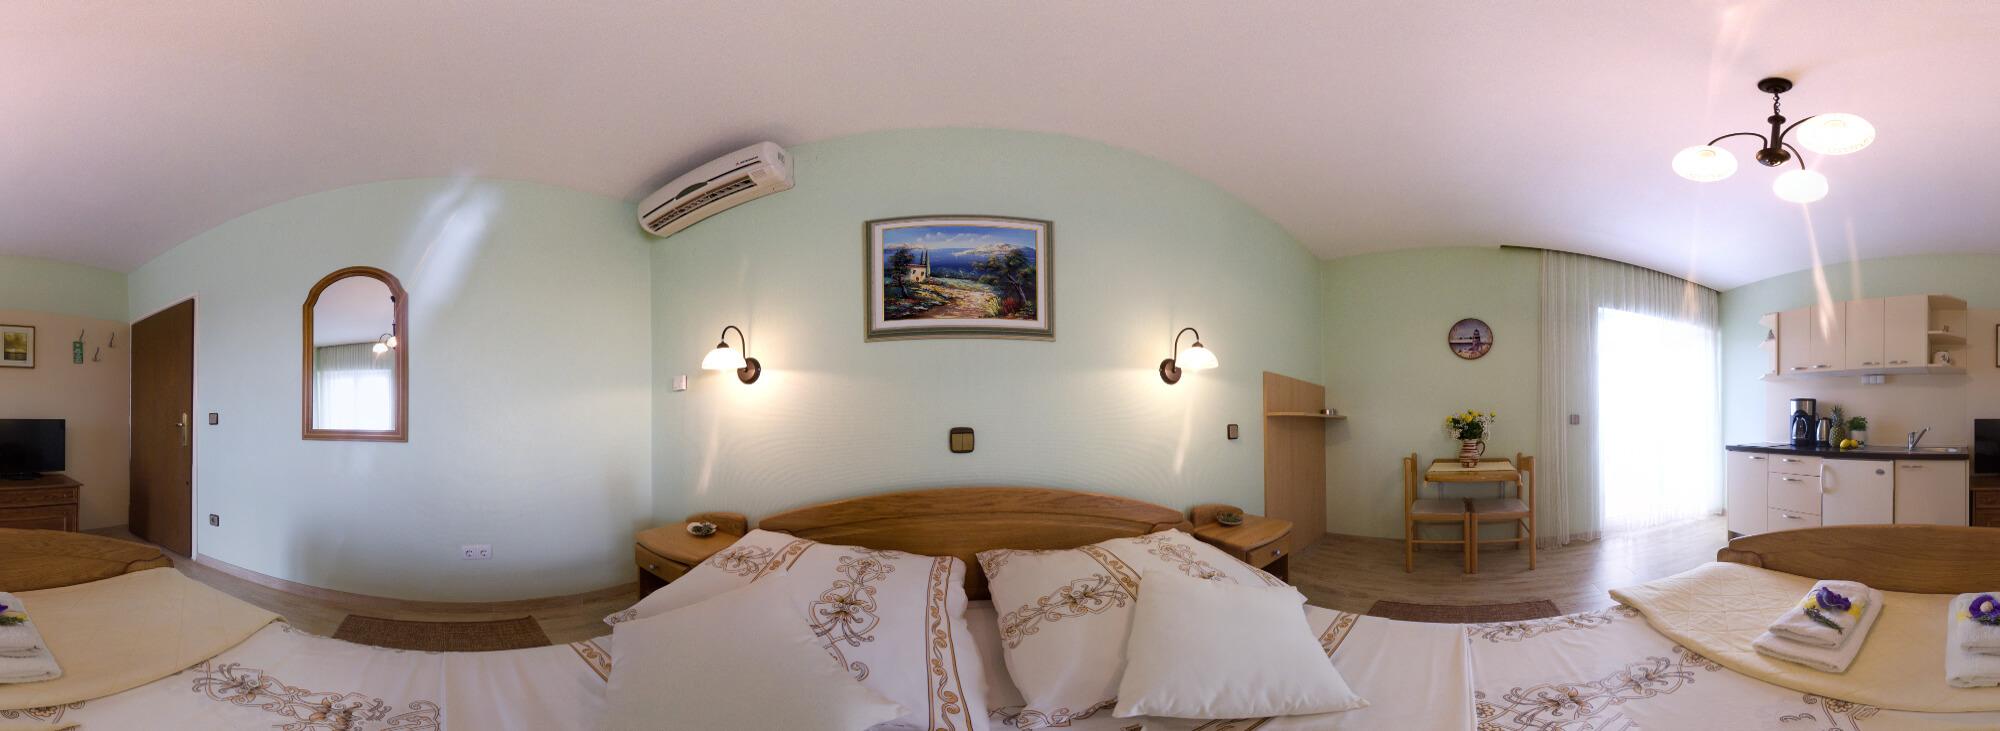 room 3- 360